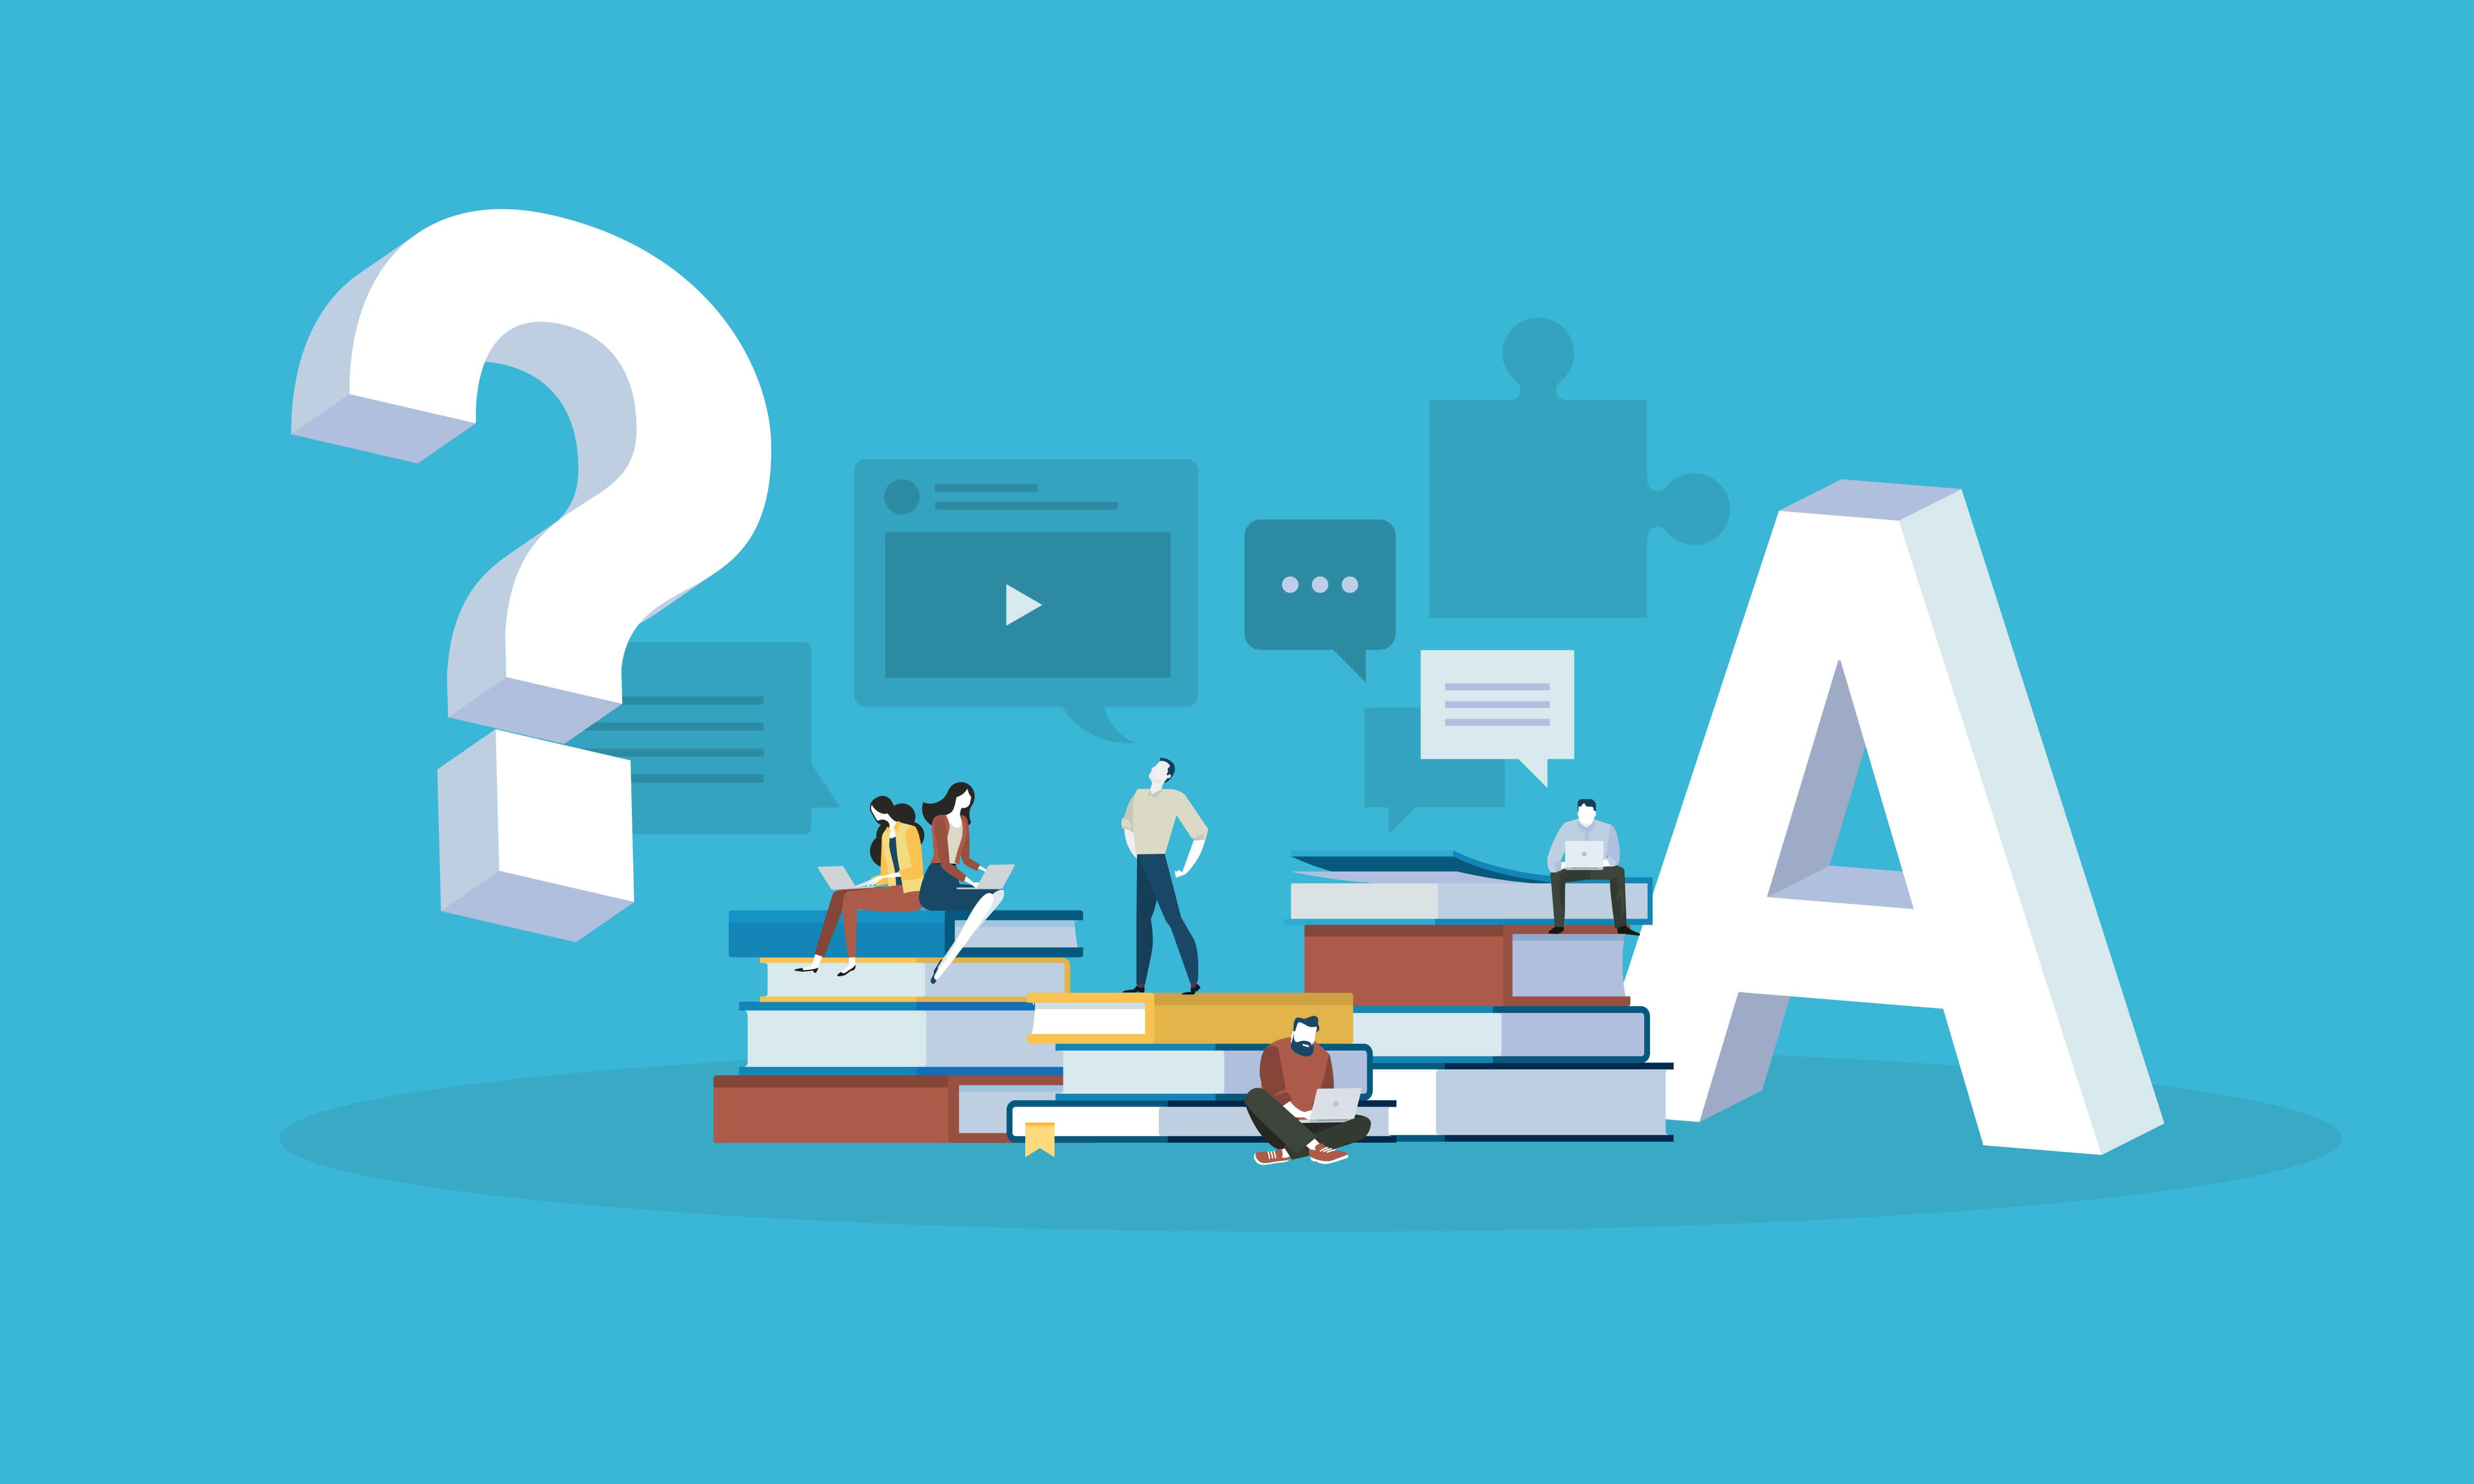 【よくある質問】働き方改革対応の勤怠管理 Q&Aから学ぶガイドライン詳細【労働基準法改正2019】